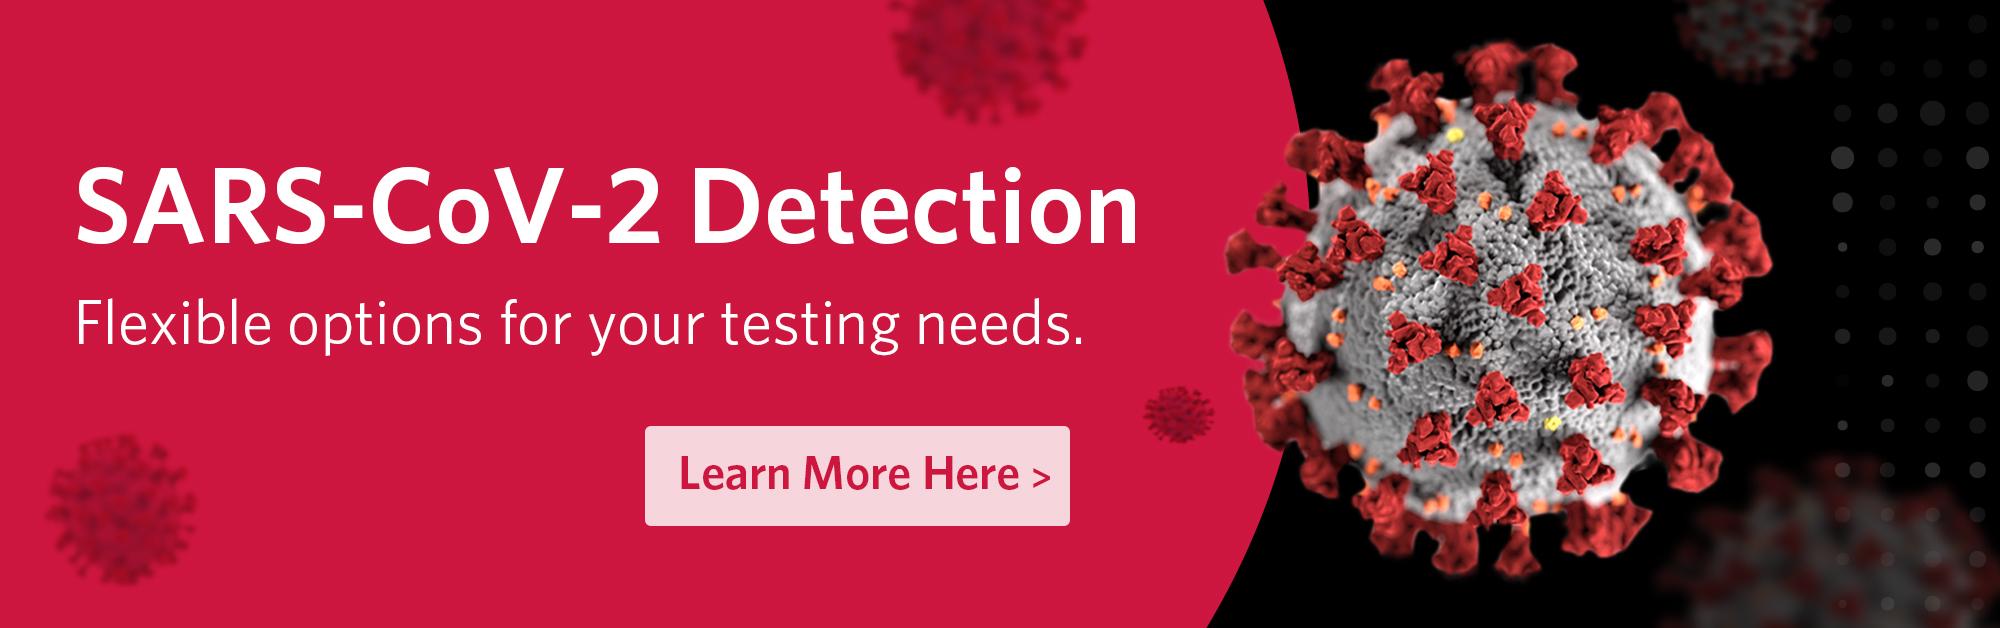 SARS-CoV-2 Detection